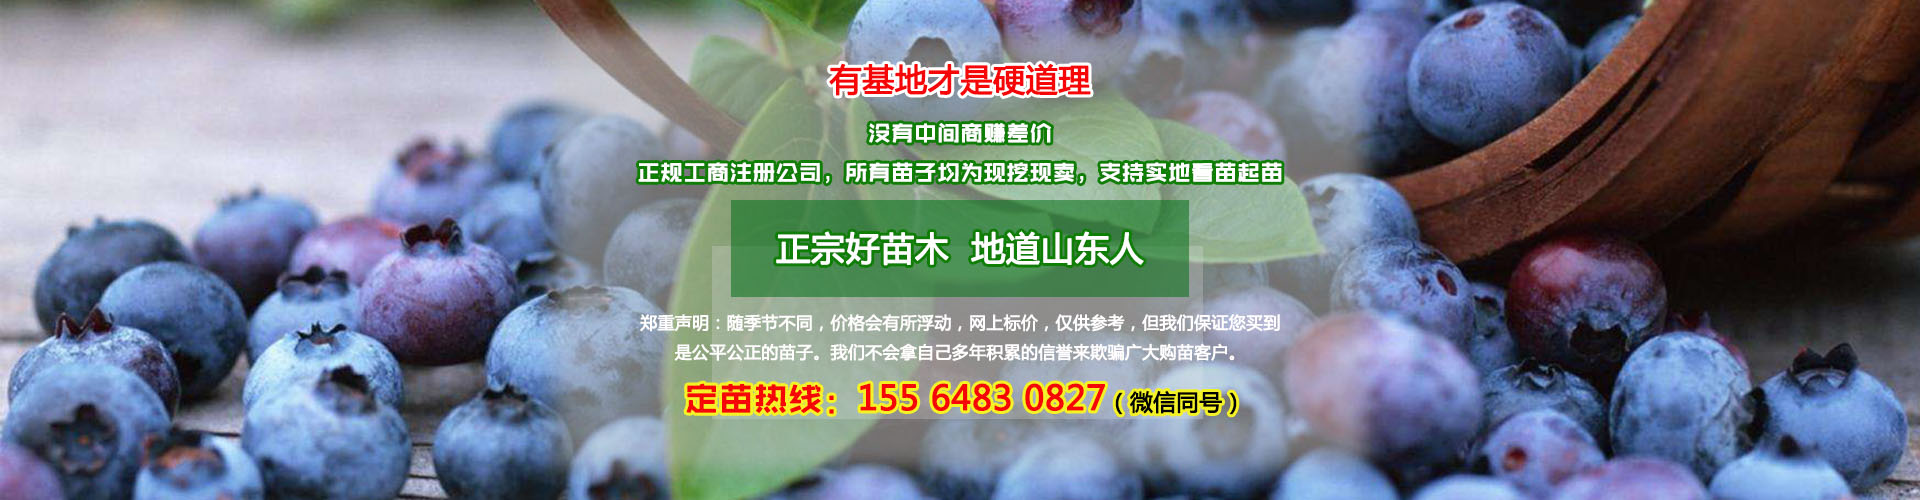 蓝莓苗多少钱一棵